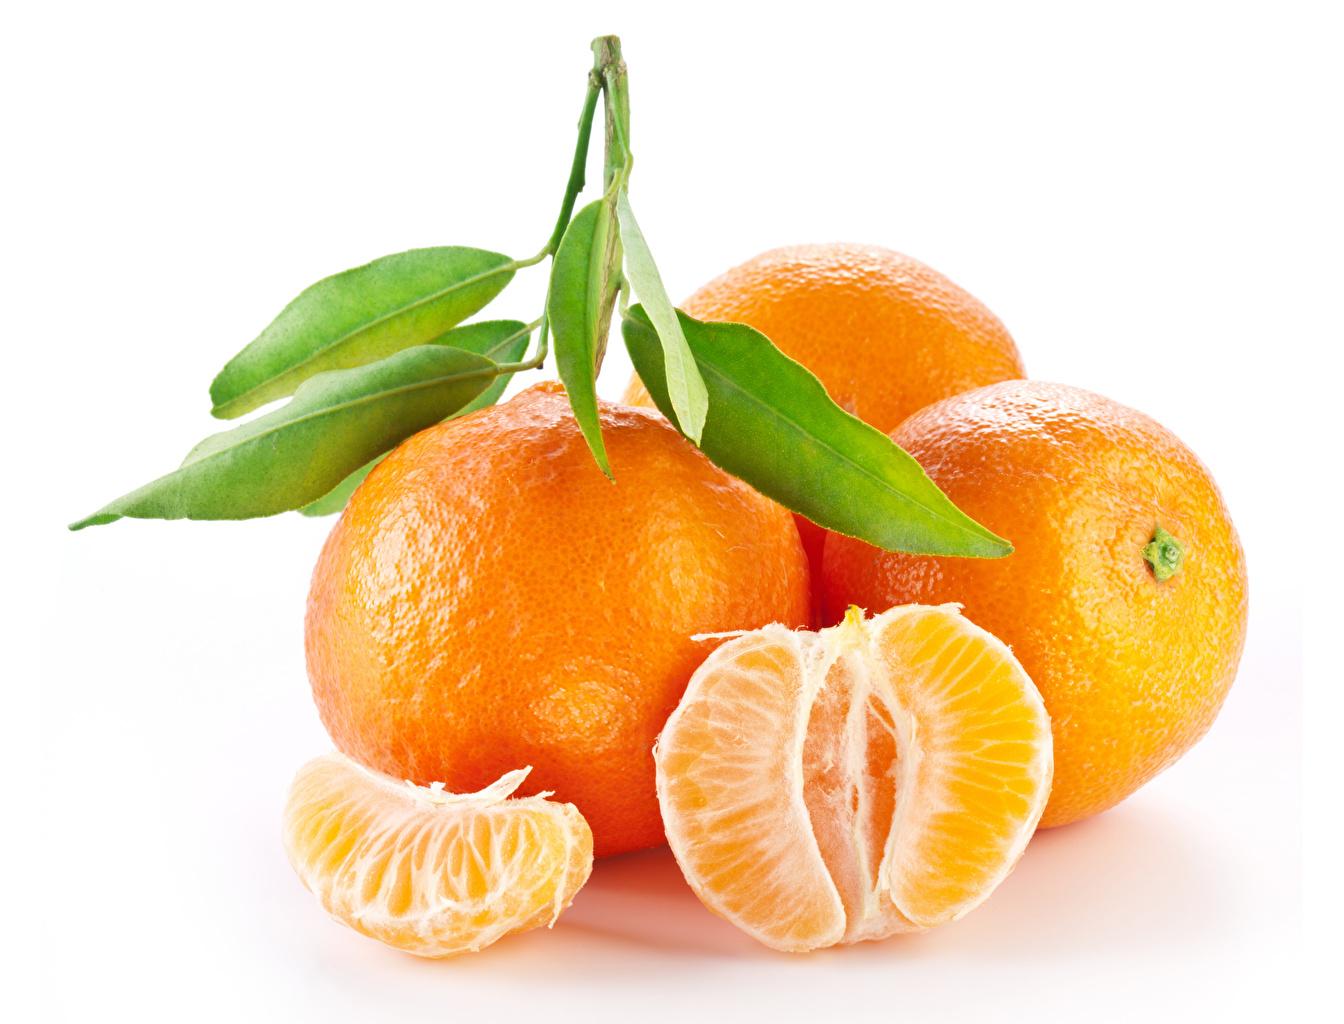 Image Leaf Mandarine Food Closeup White background Foliage